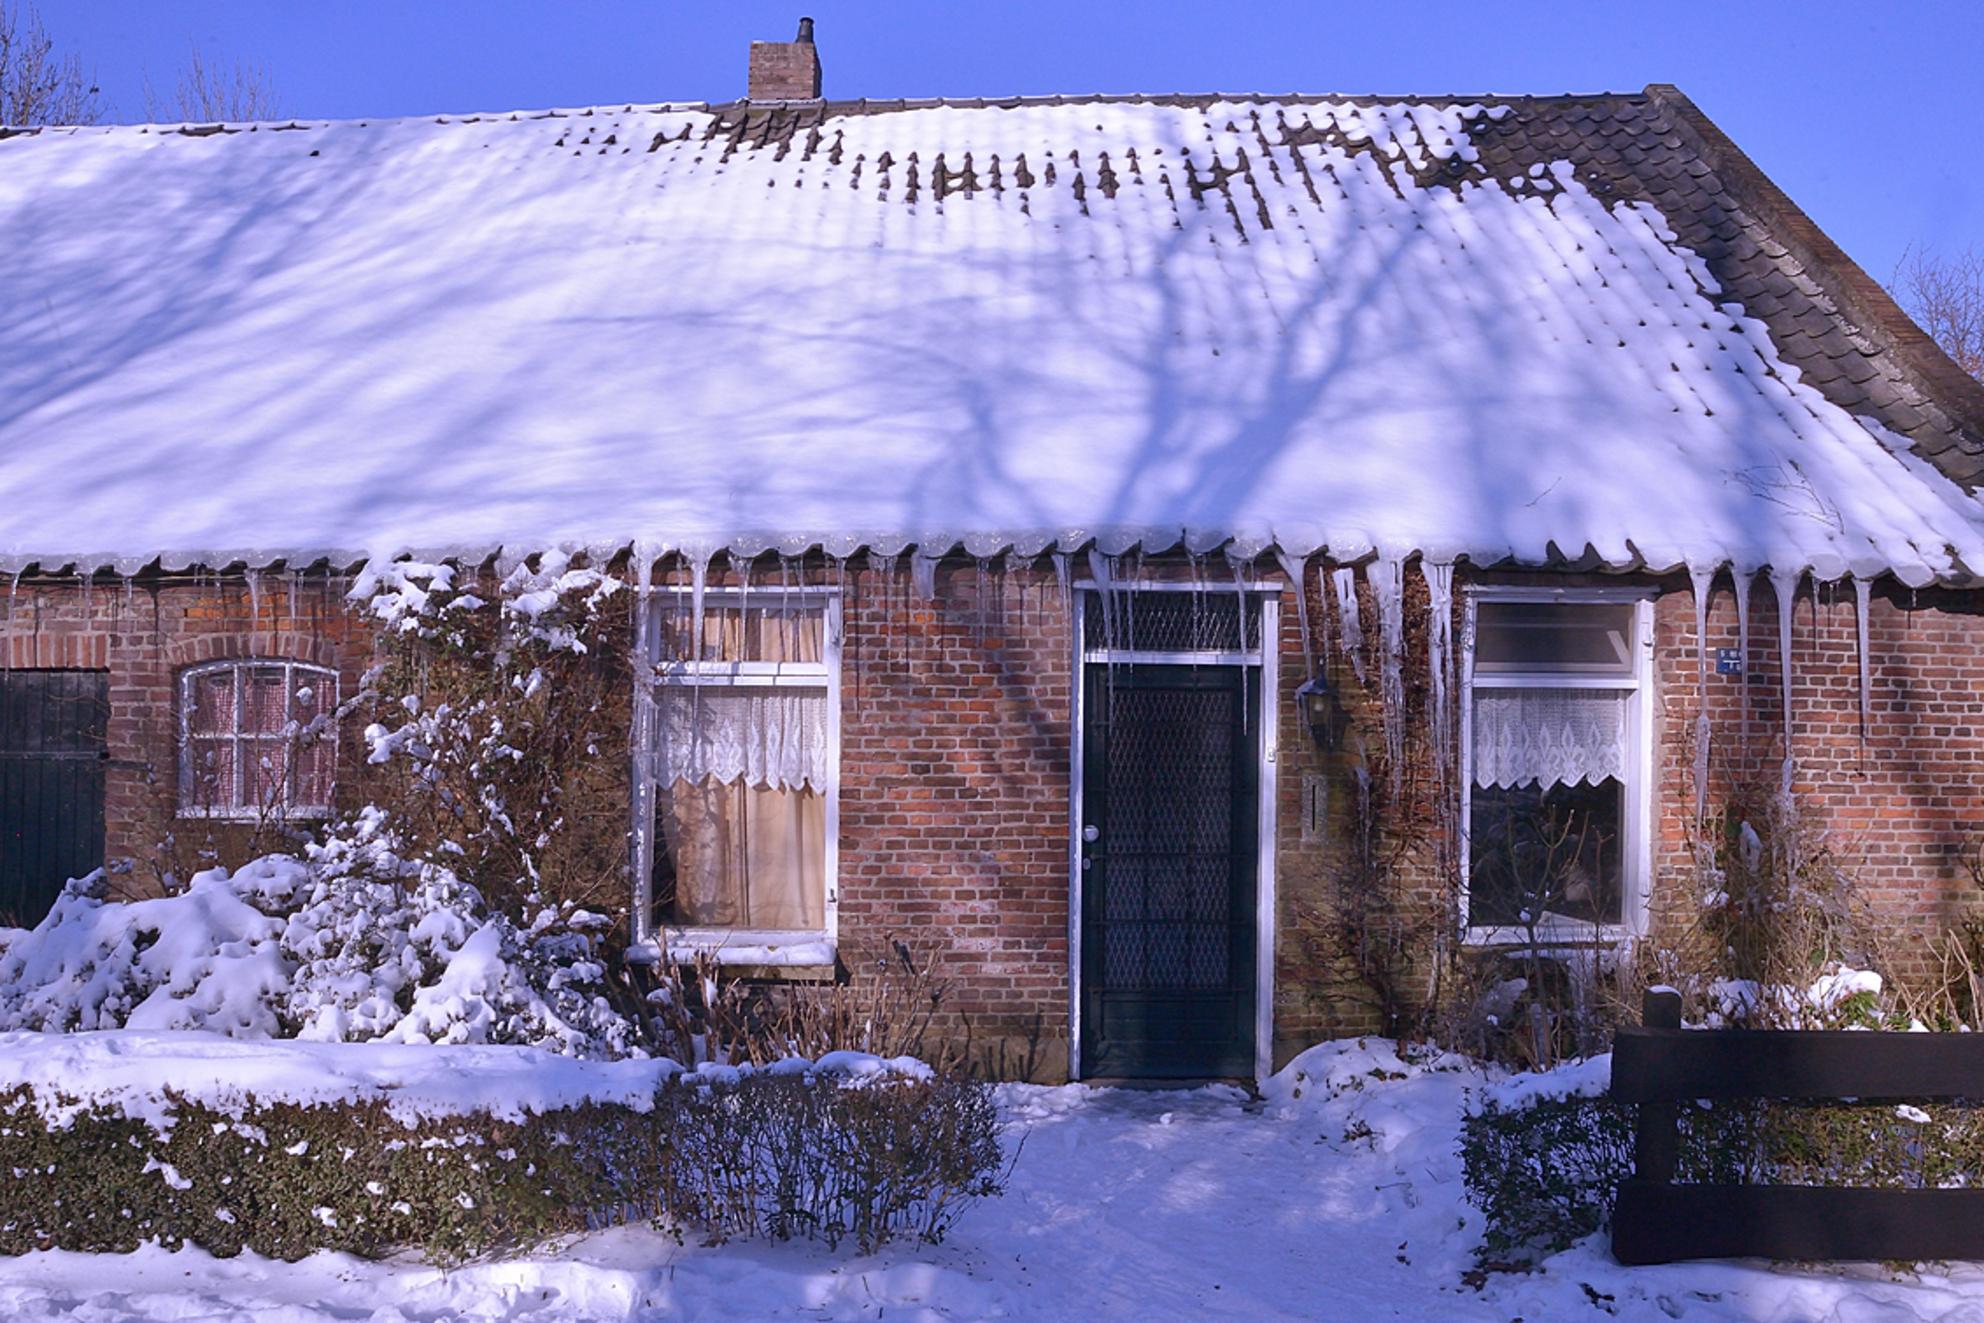 Urkhoven 2 - - - foto door zeggen op 05-03-2021 - deze foto bevat: sneeuw